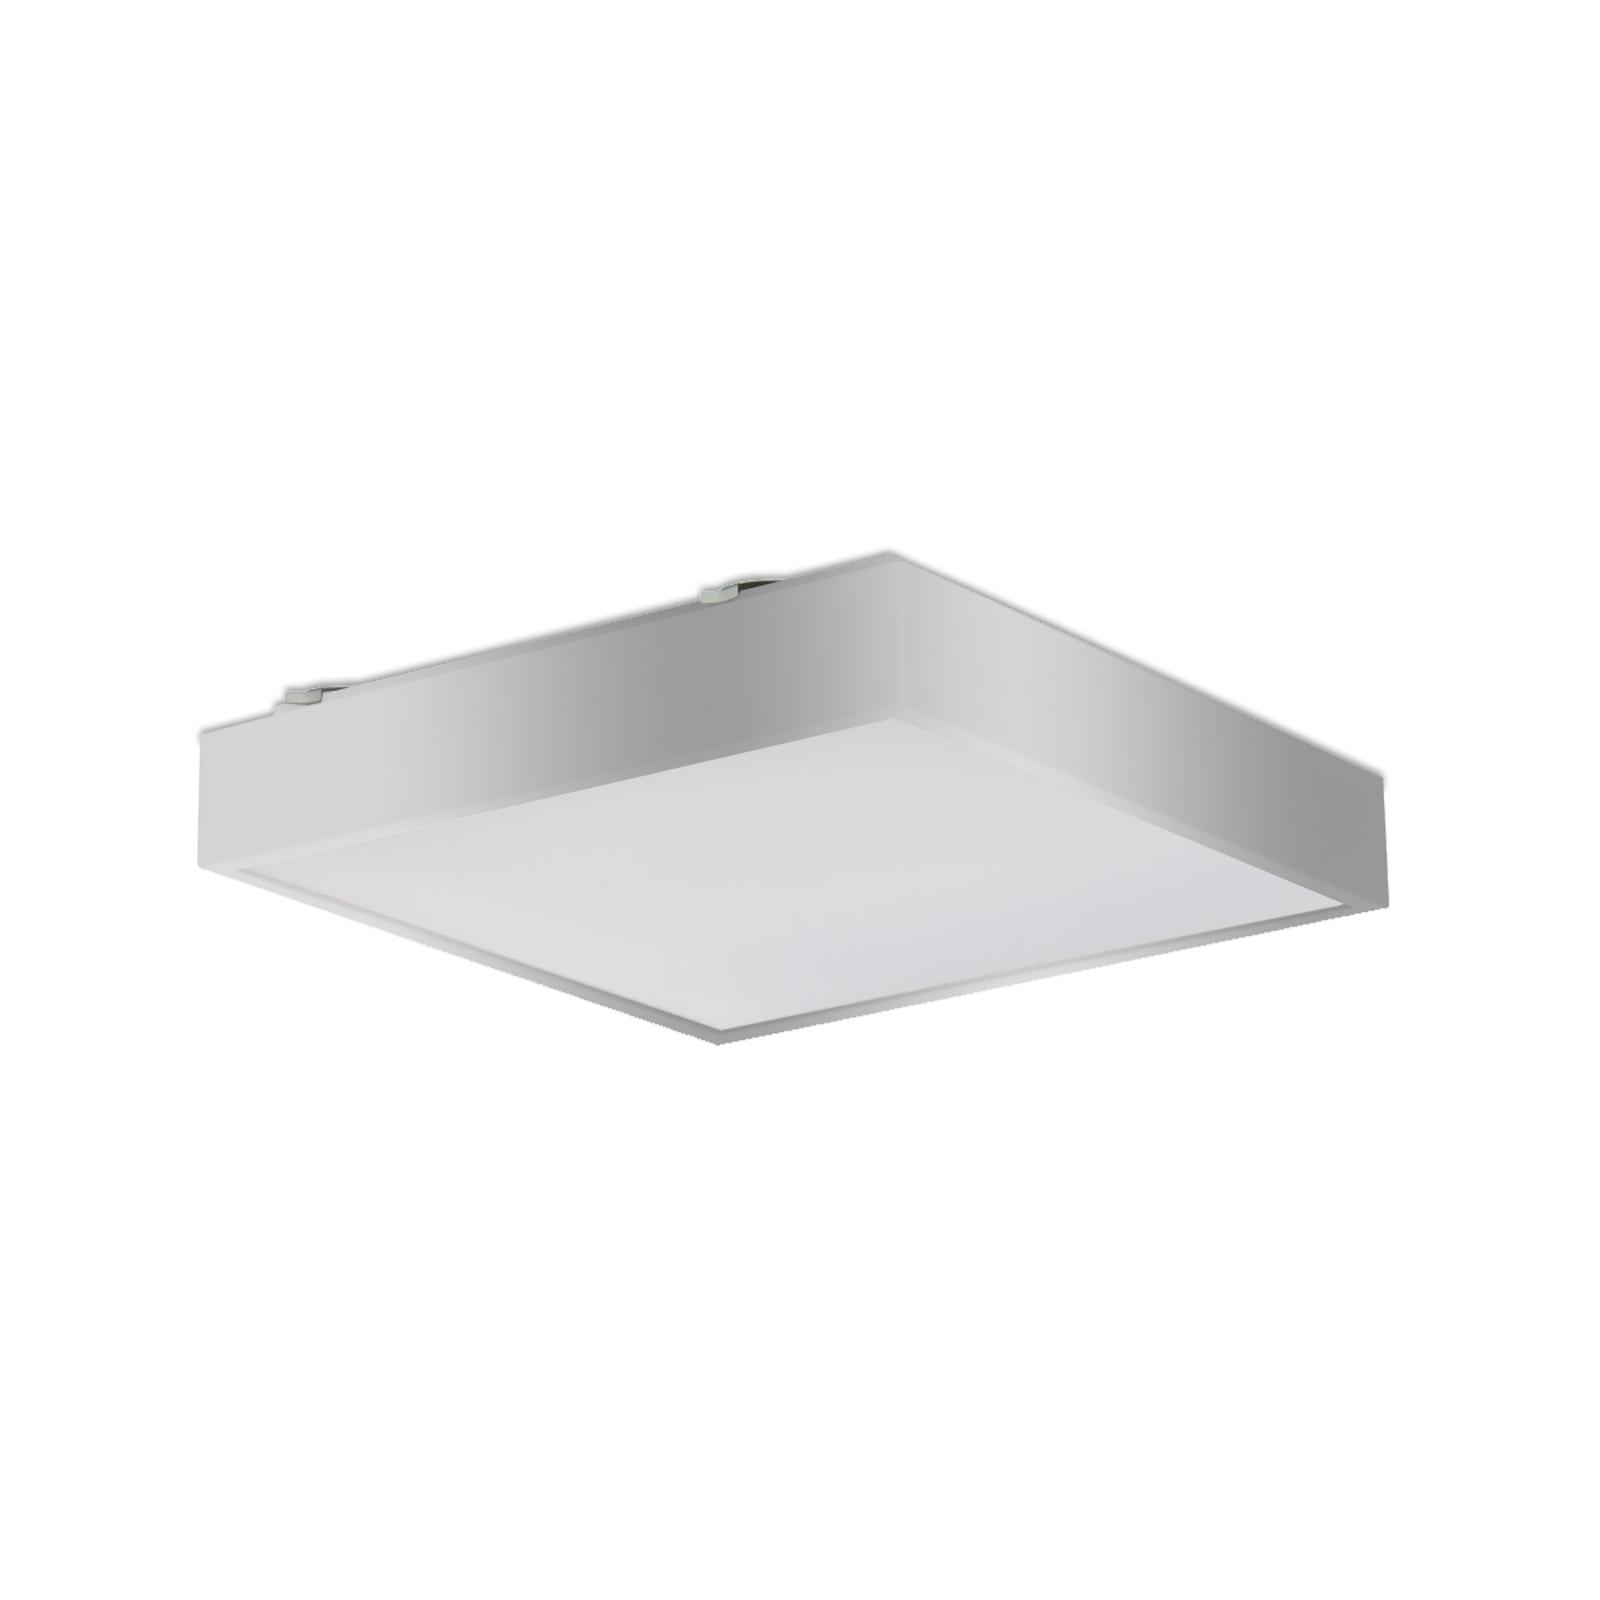 Q4 - LED-Deckenleuchte silber DALI